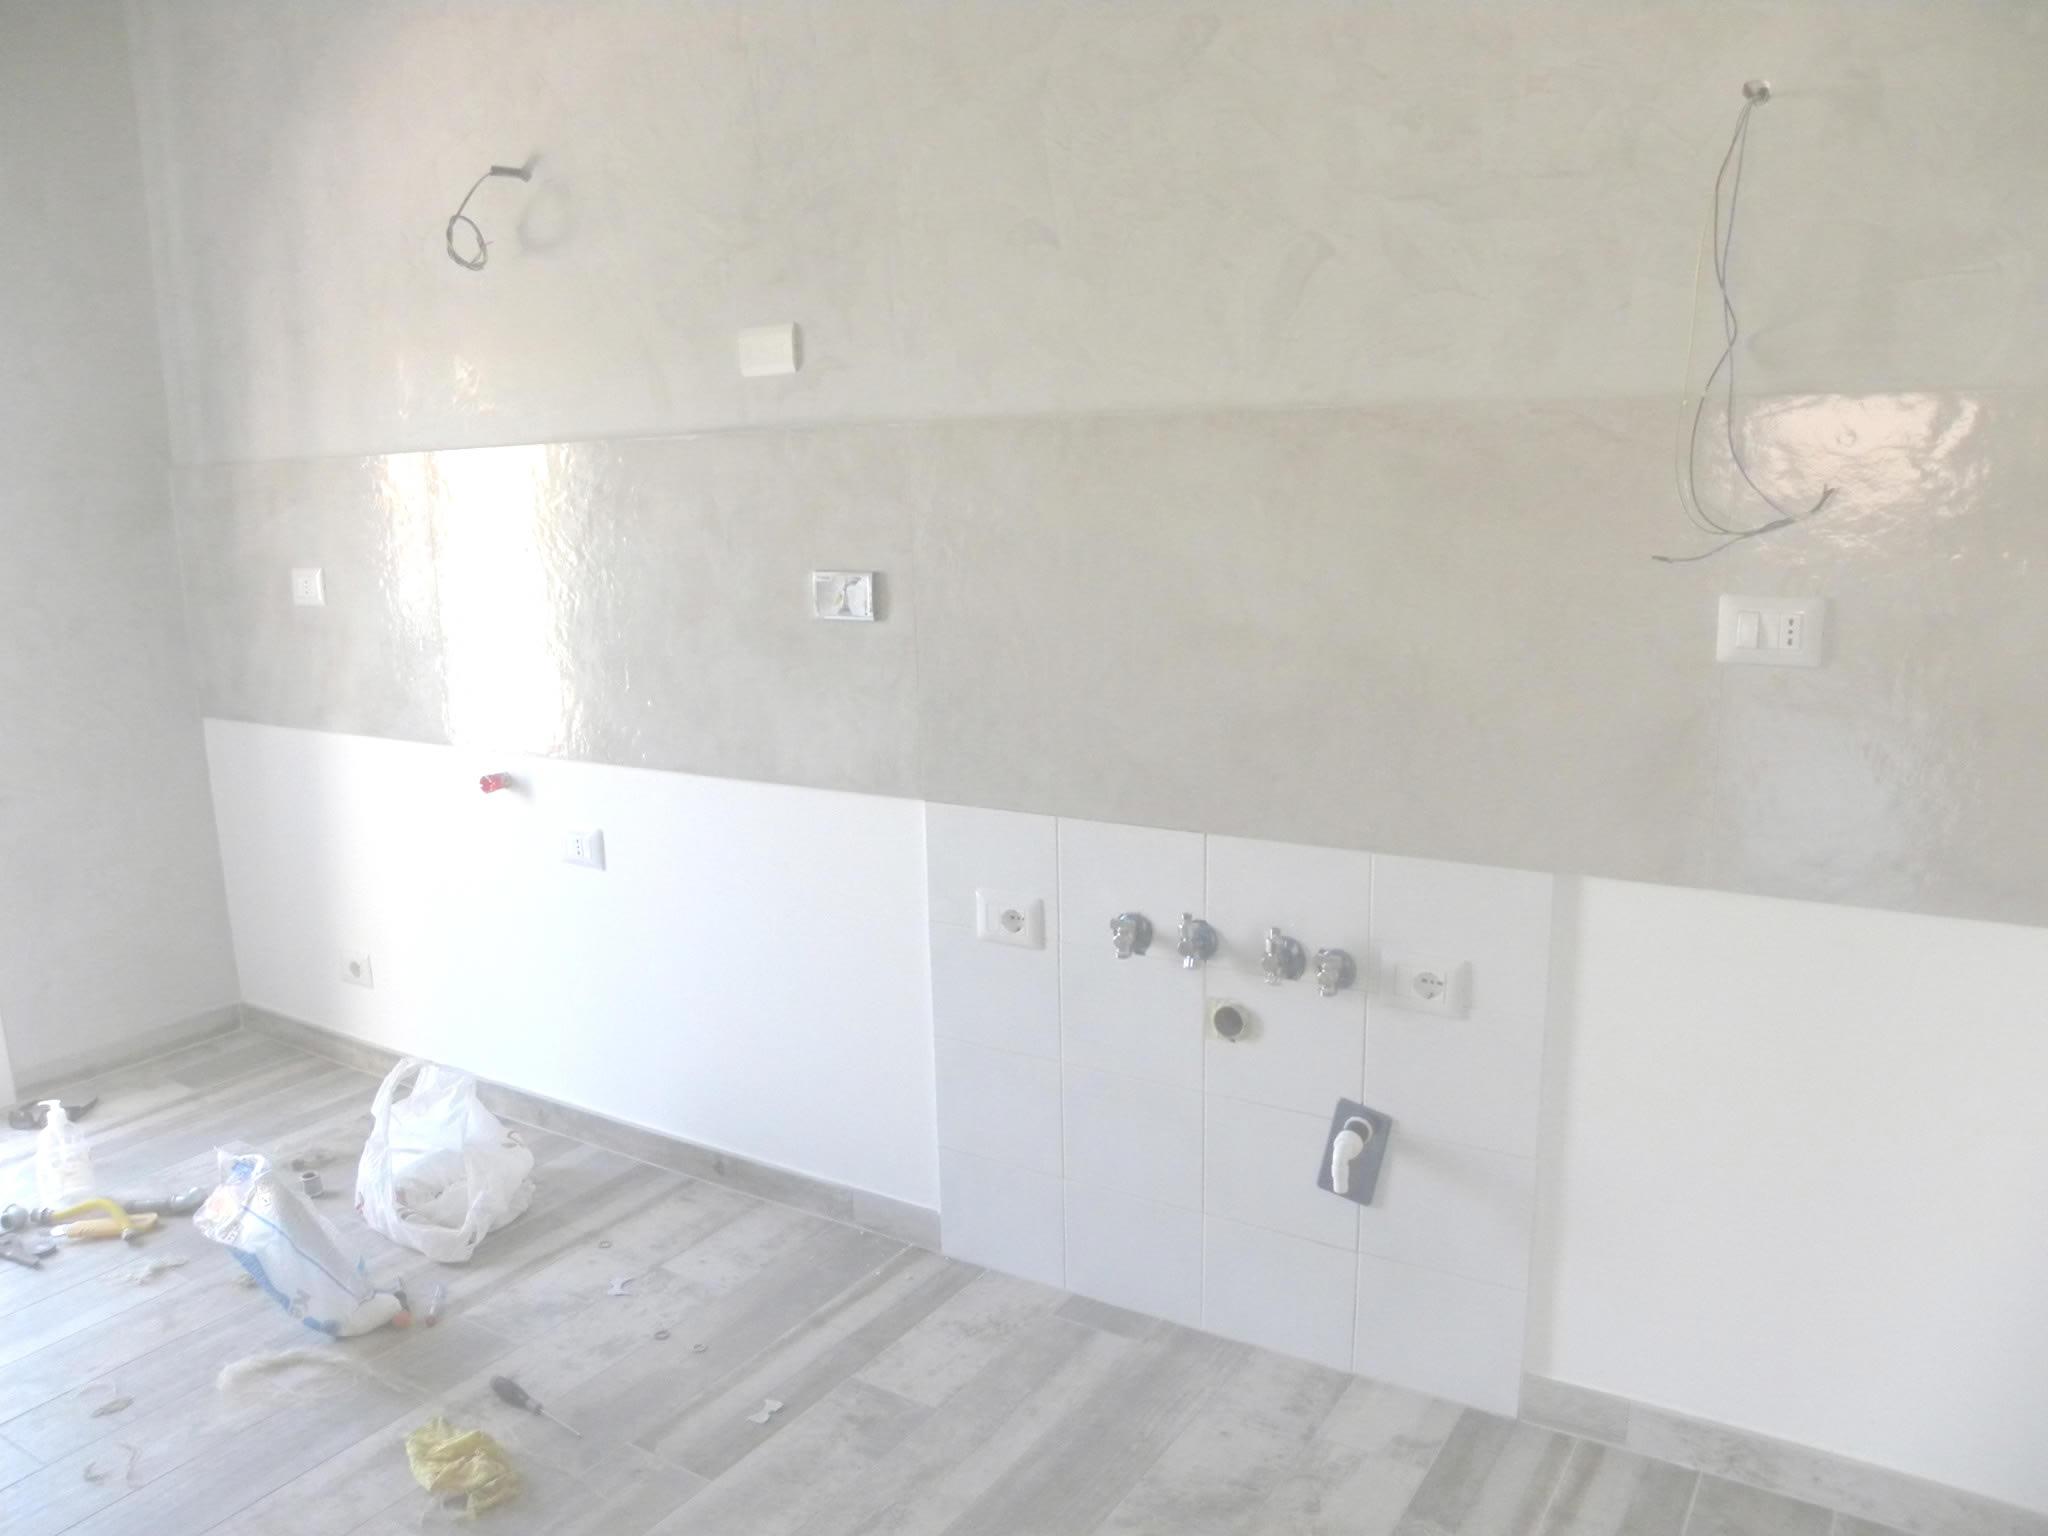 Quanto Costa Un Impianto Di Riscaldamento A Pavimento Al Mq quanto costa ristrutturare appartamento roma?